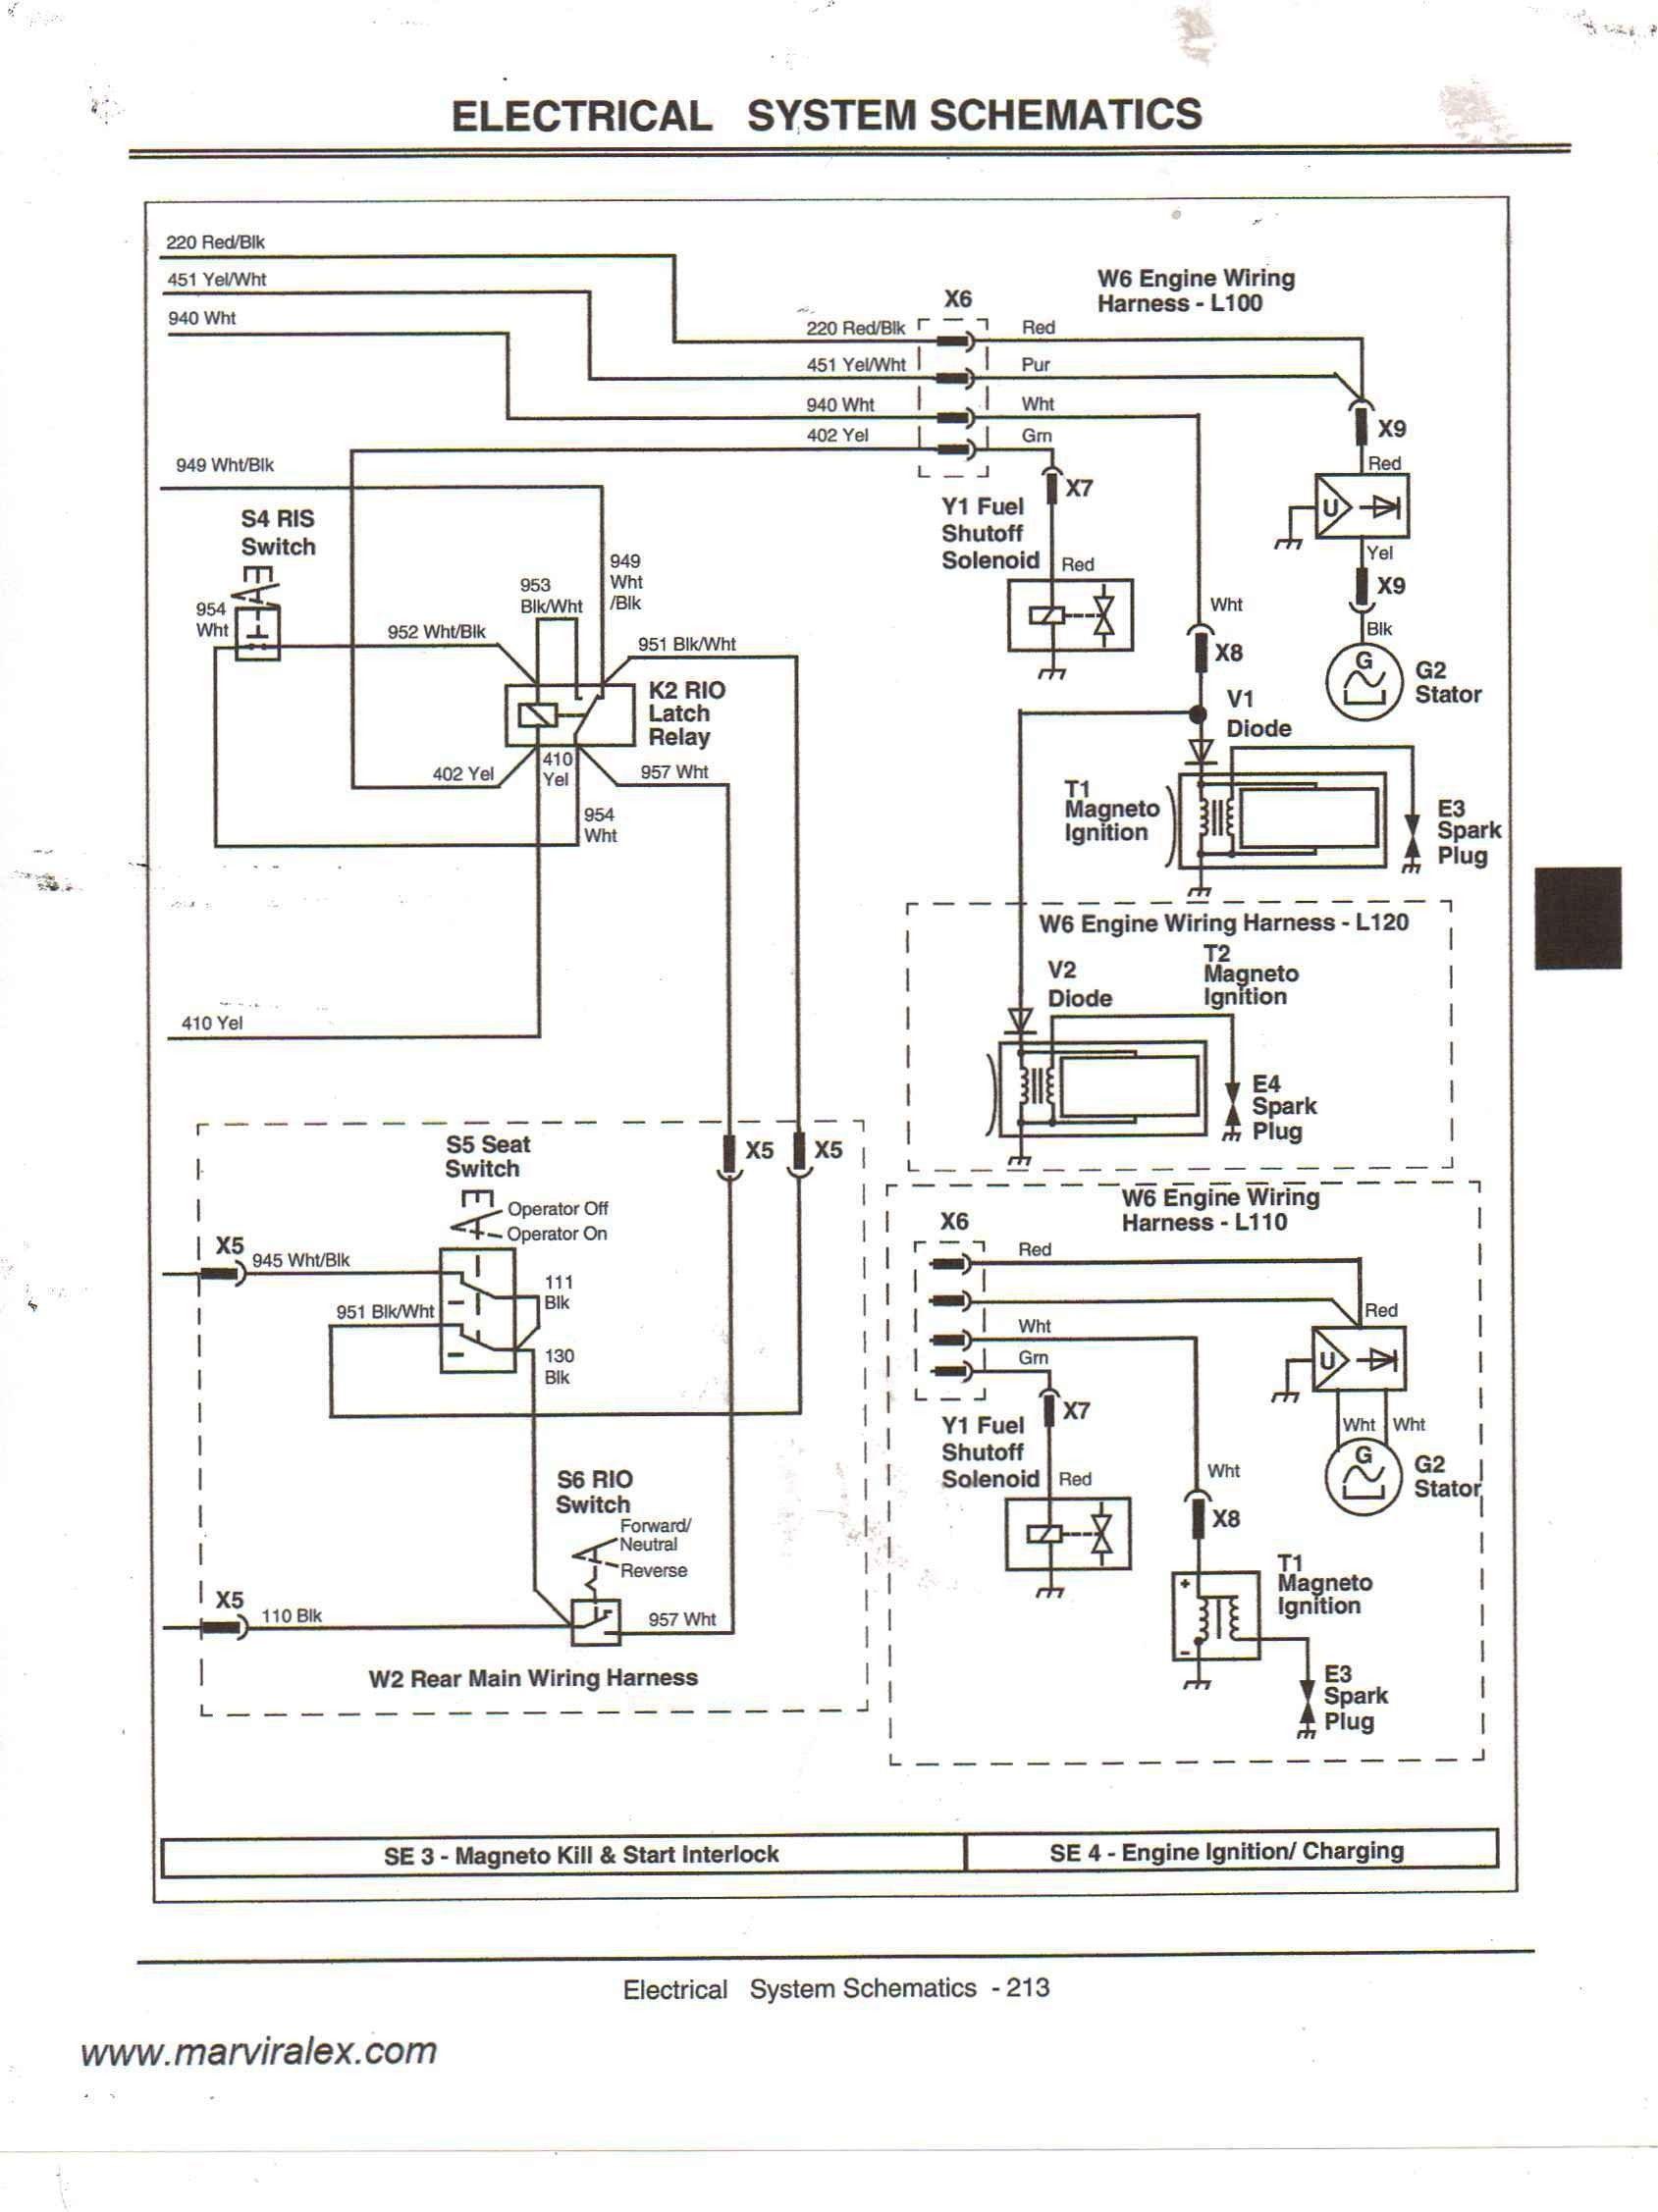 Unique Free Electrical Diagram Sample Diagram Wiringdiagram Diagramming Diagramm Visuals Visualisation Graphic Electrical Diagram Repair Manuals Diagram